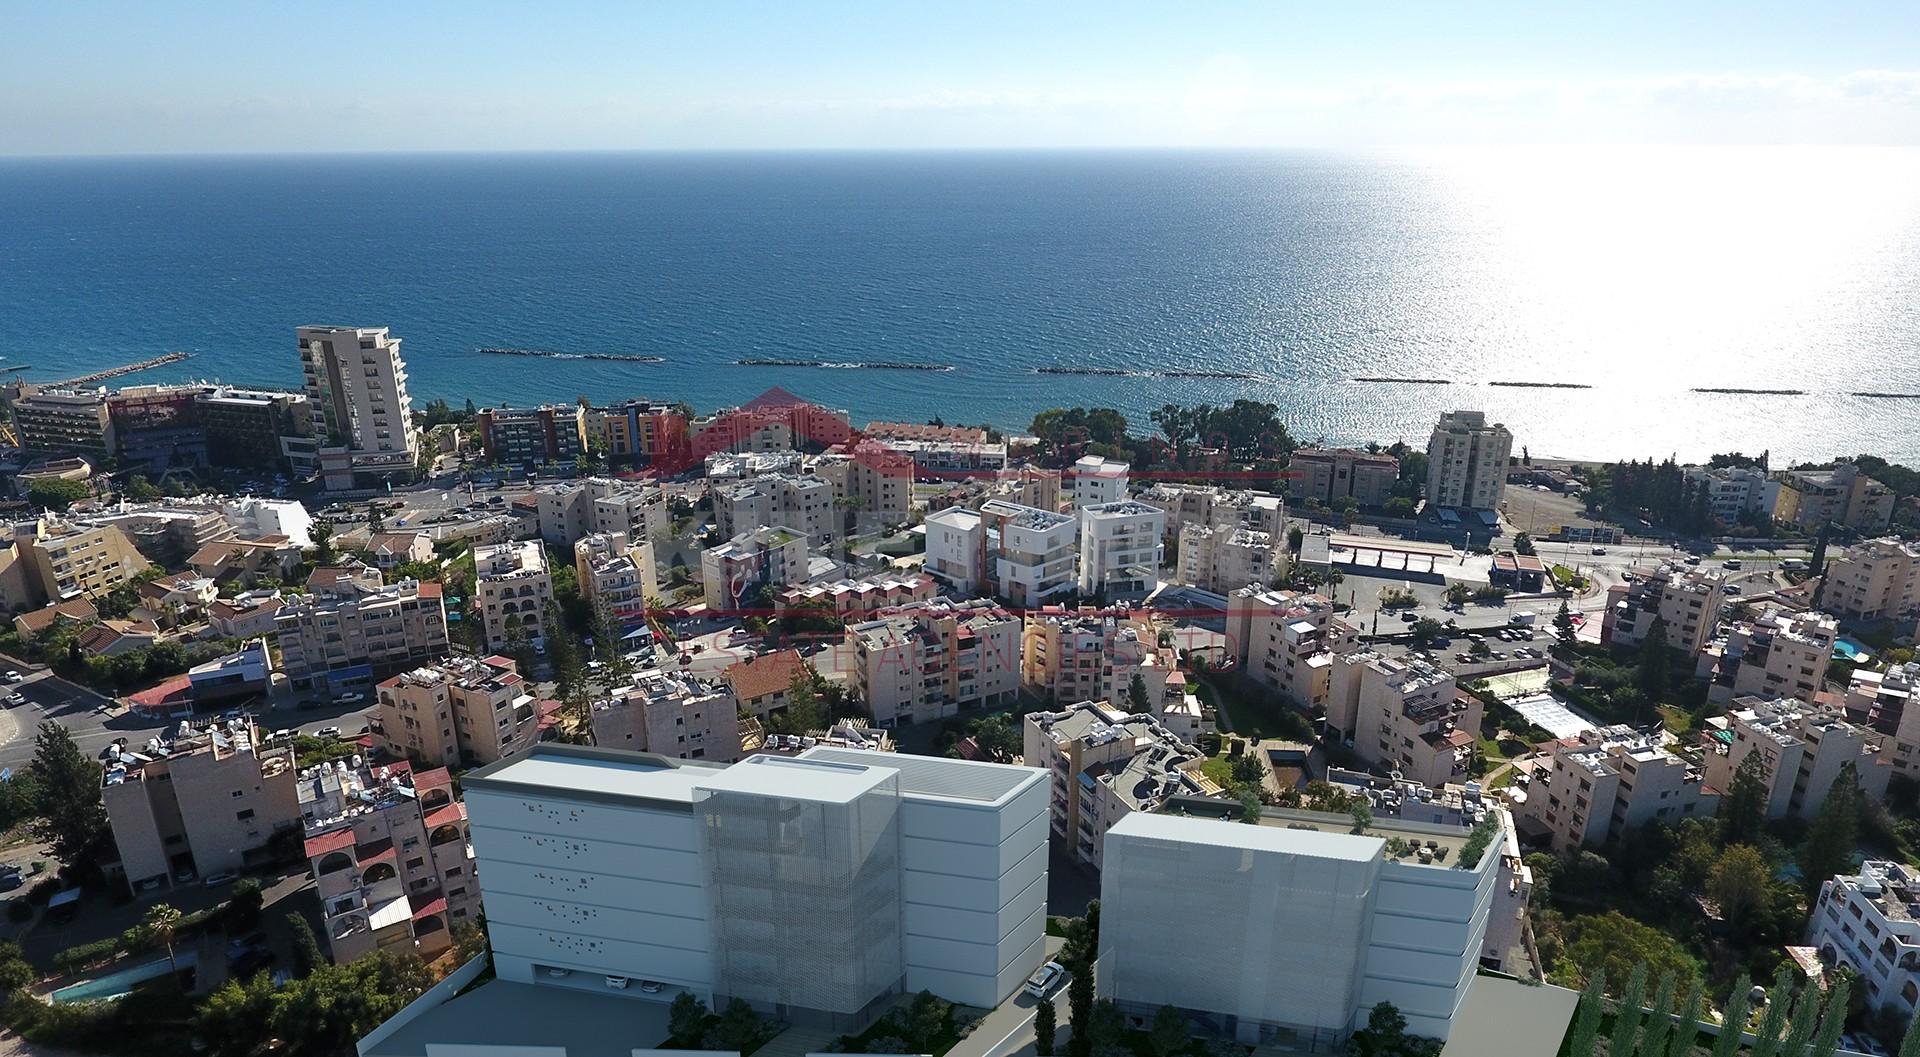 Land For Sale in Agios Tichonas – Limassol